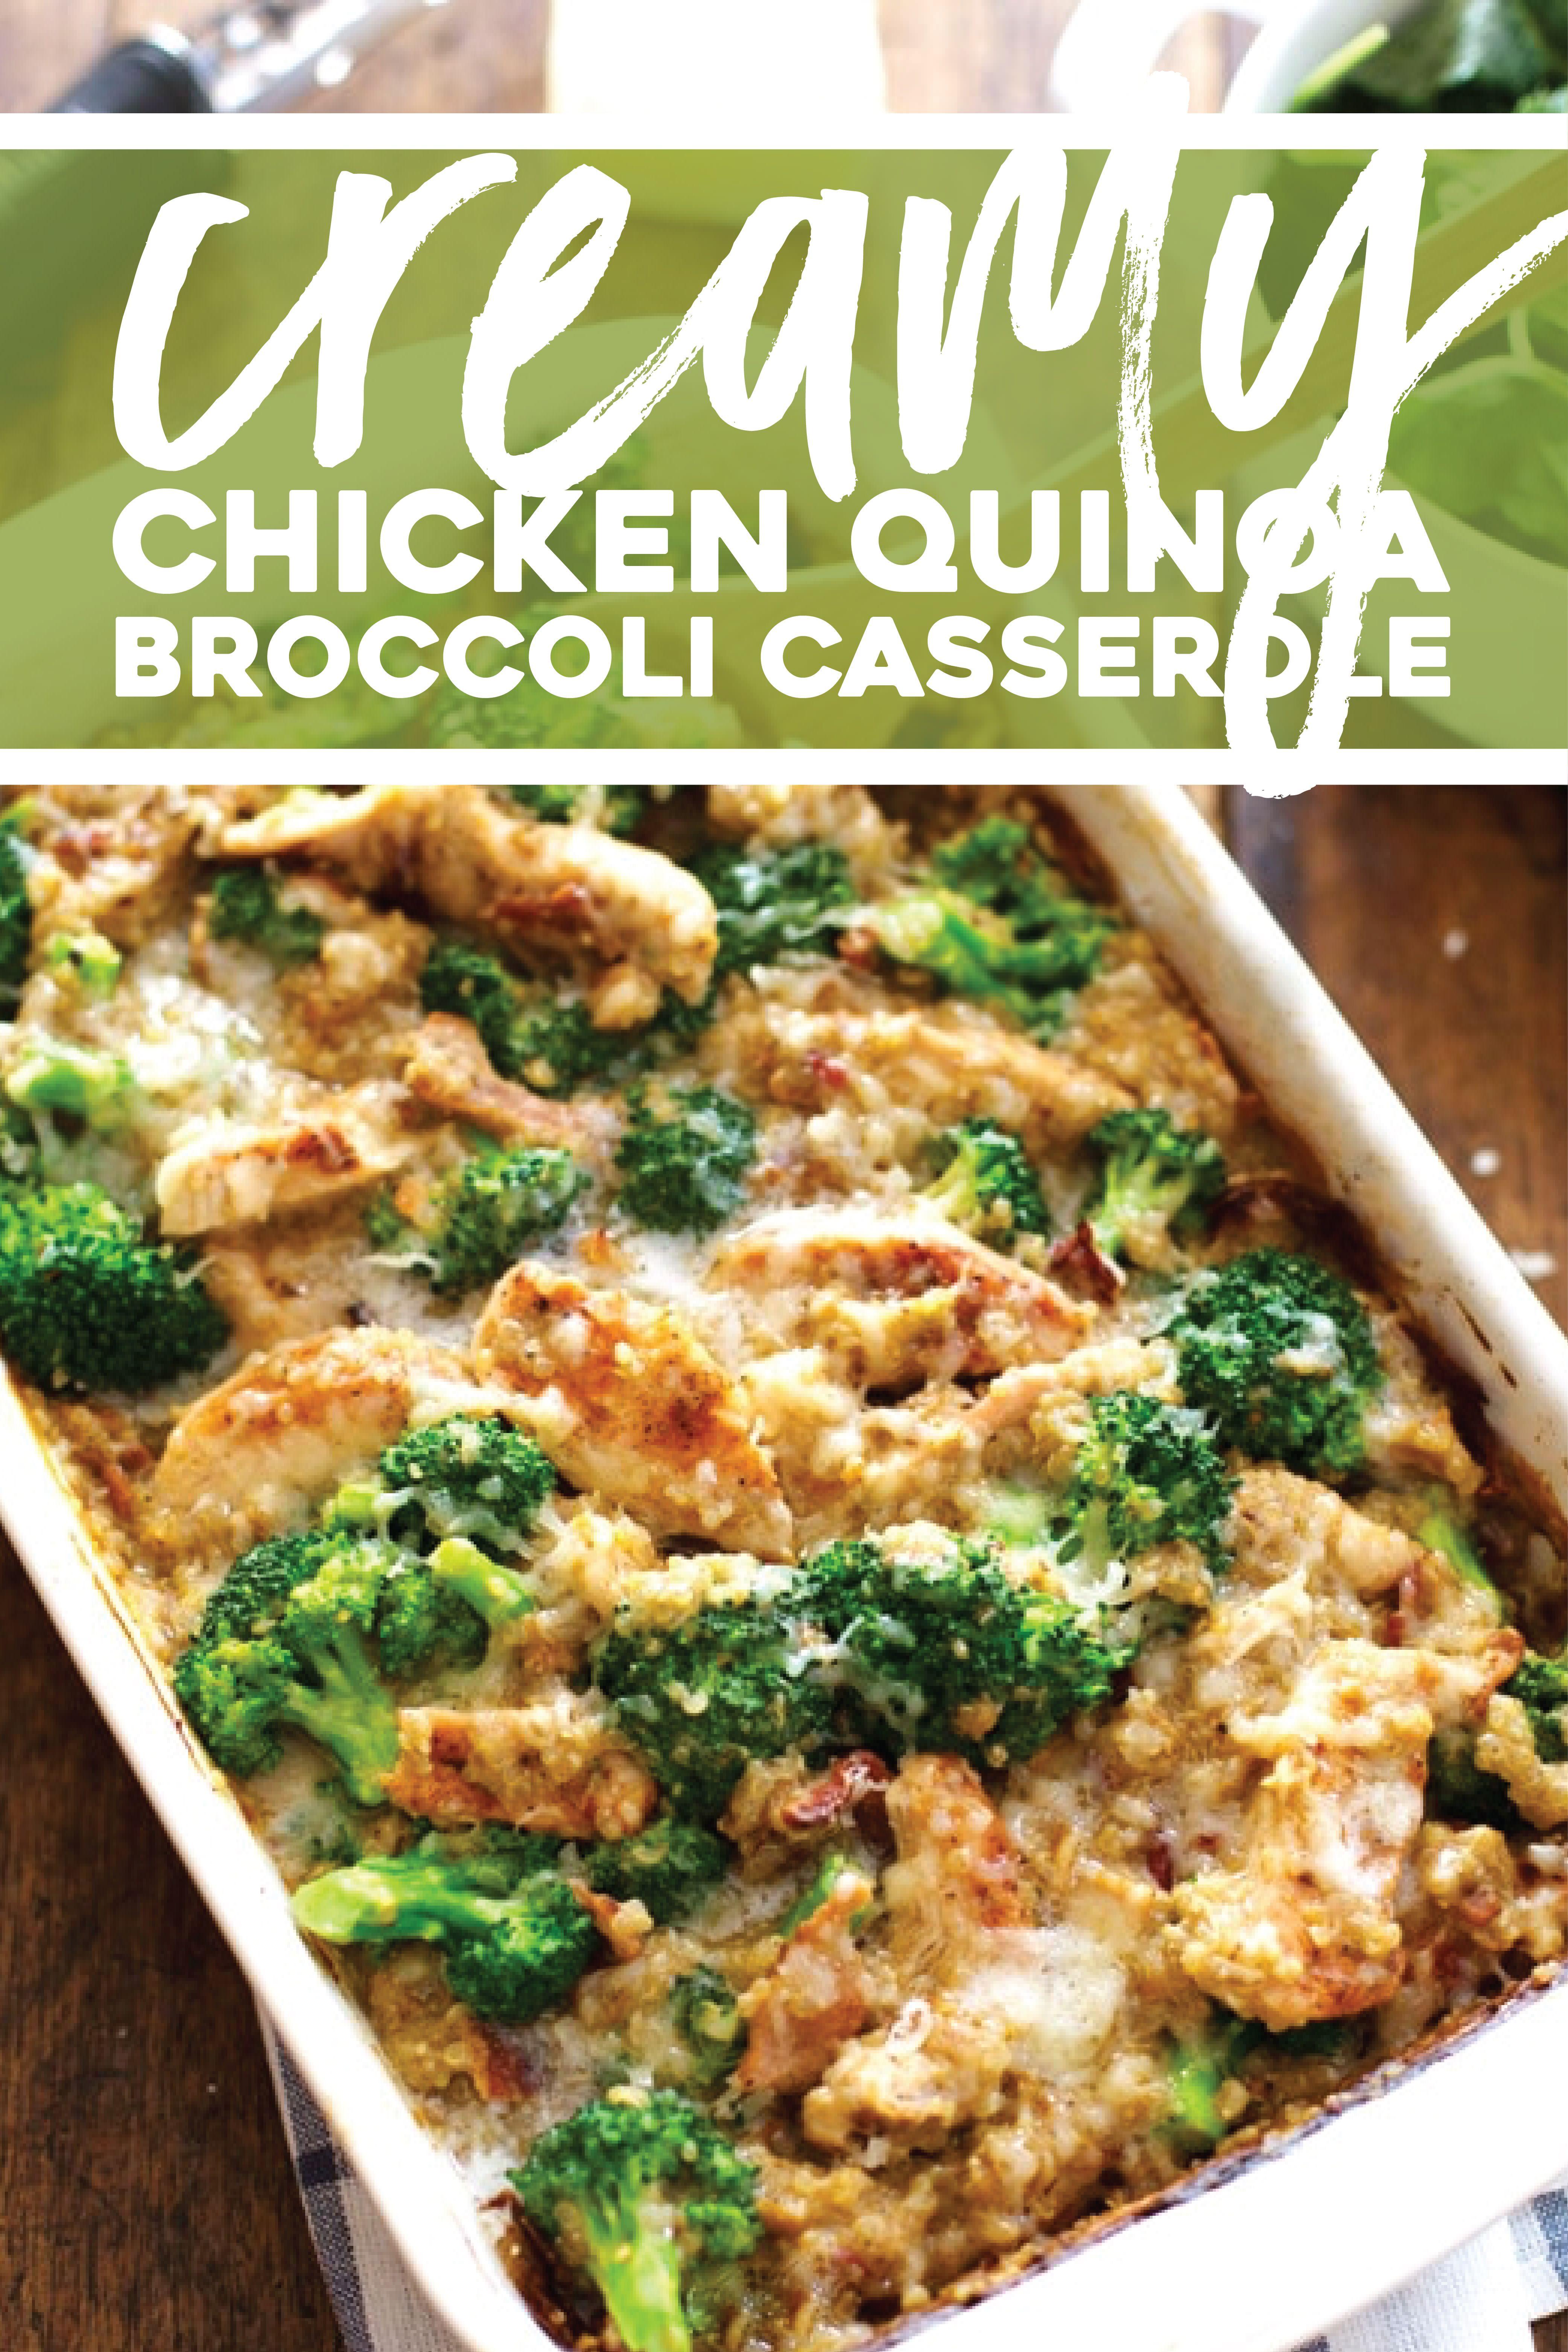 Photo of Creamy Chicken Quinoa Broccoli Casserole